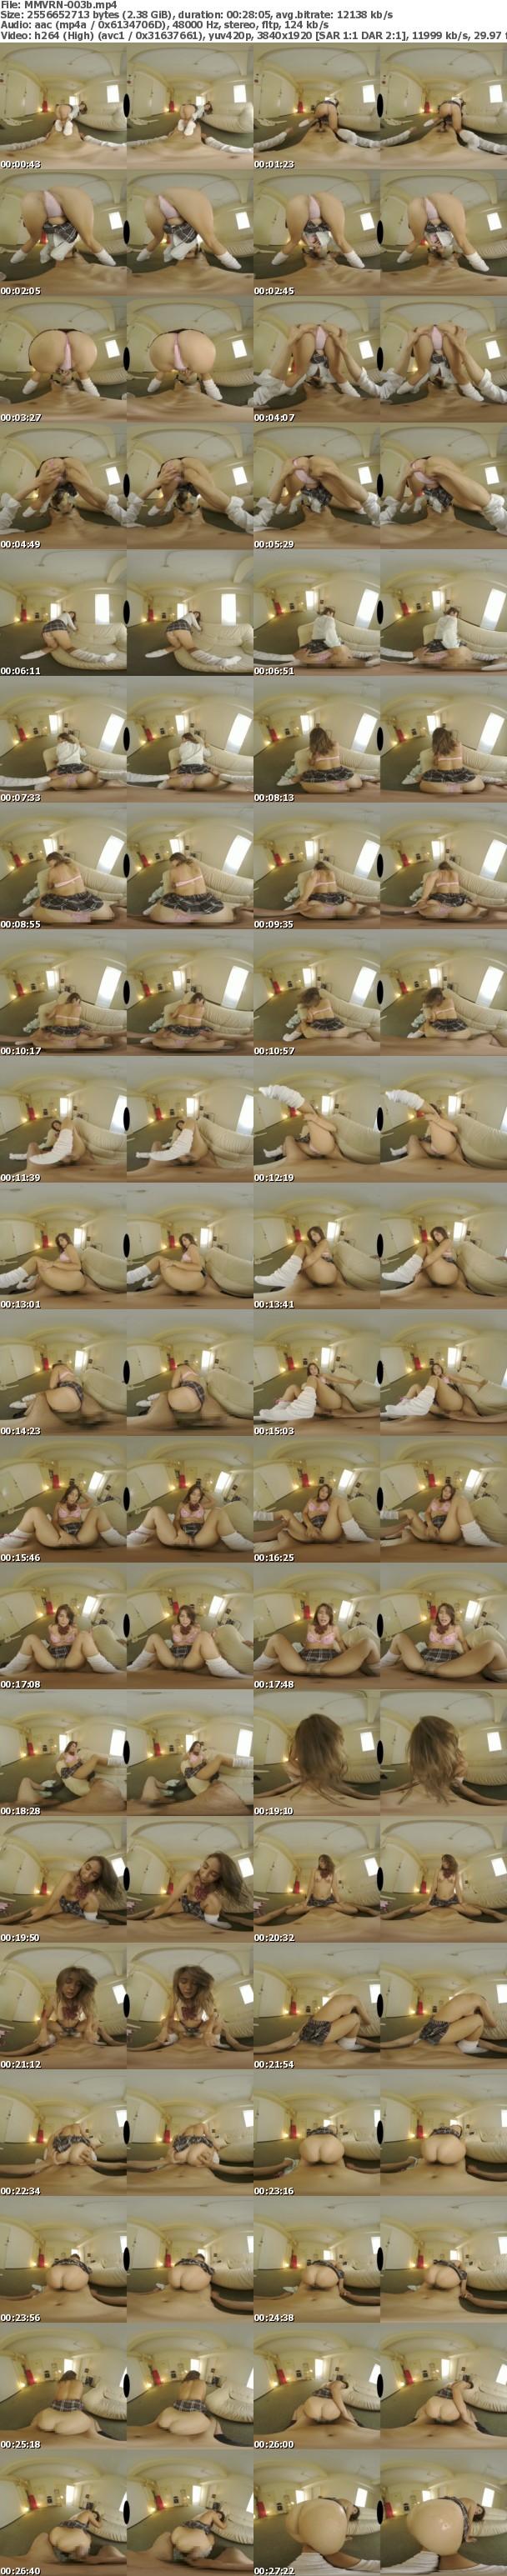 VR/3D MMVRN-003 ミニスカ黒尻ギャルVR6K撮影+ゼロ距離視点移動+完全自由主観移動で最高のデカ尻黒ギャルと汗ダクで濃厚SEXヤリ放題できるVR 上原花恋